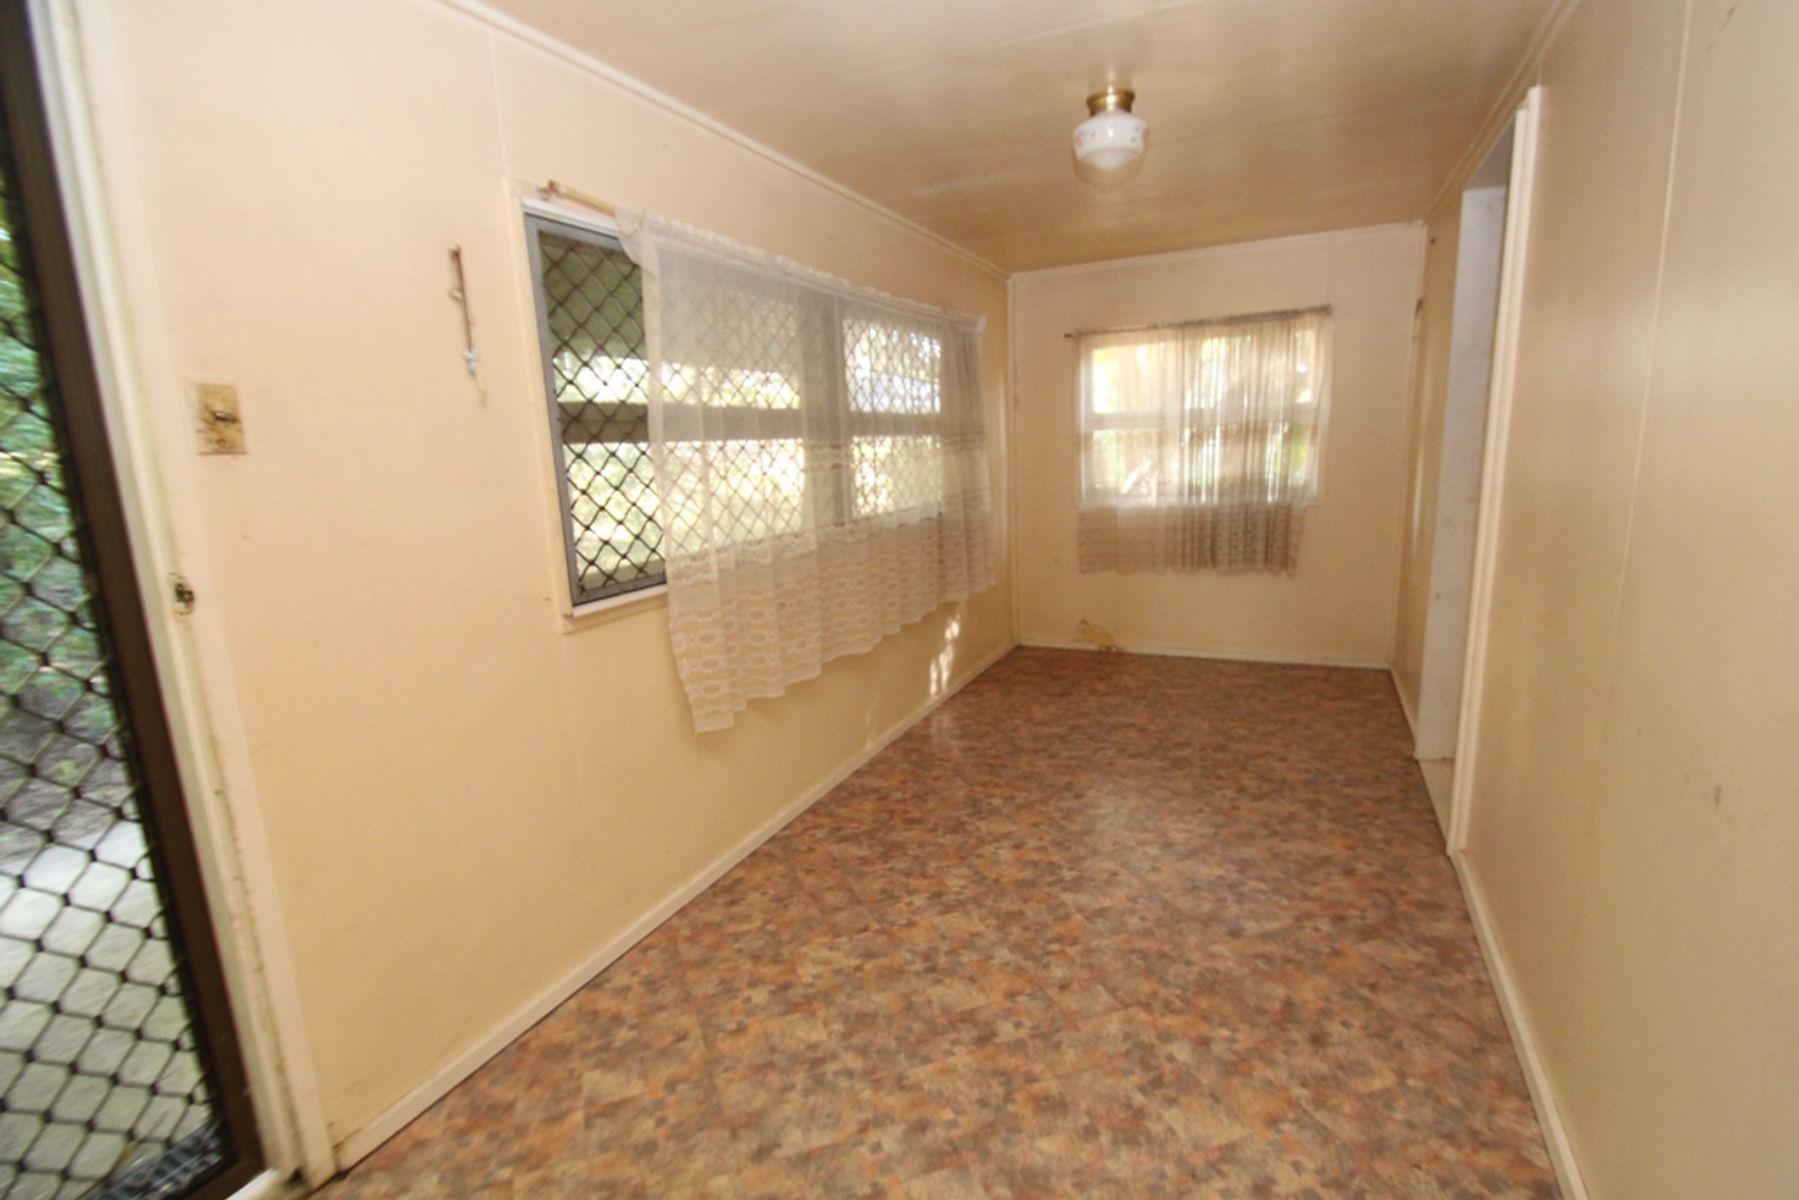 47 William St, Nambour, QLD 4560